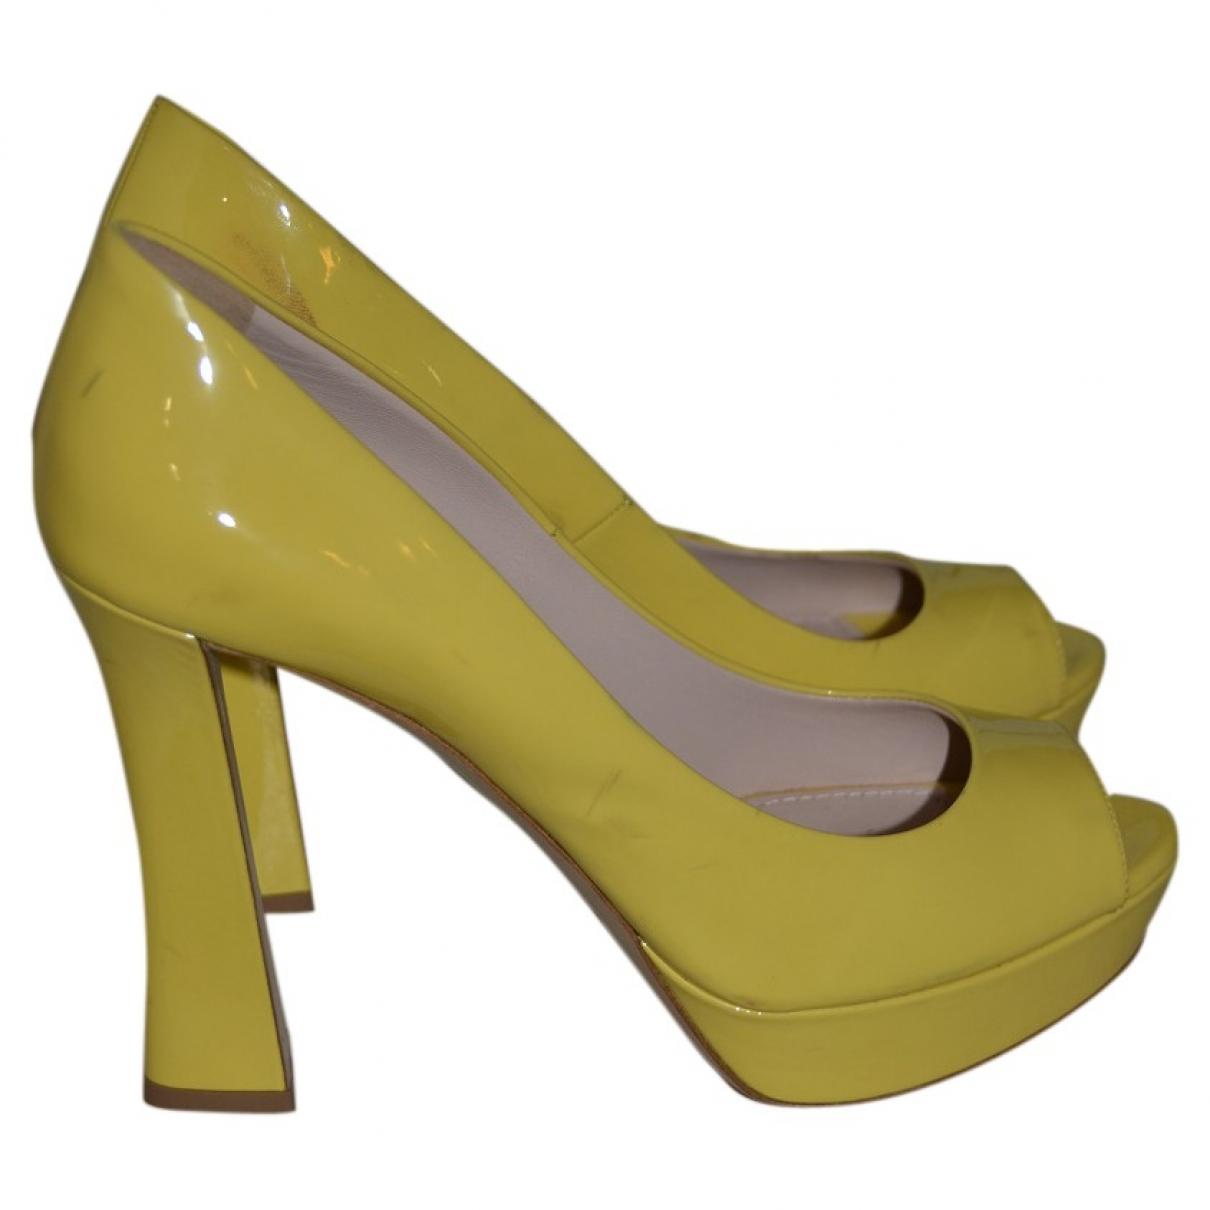 Miu Miu \N Pumps in  Gelb Lackleder